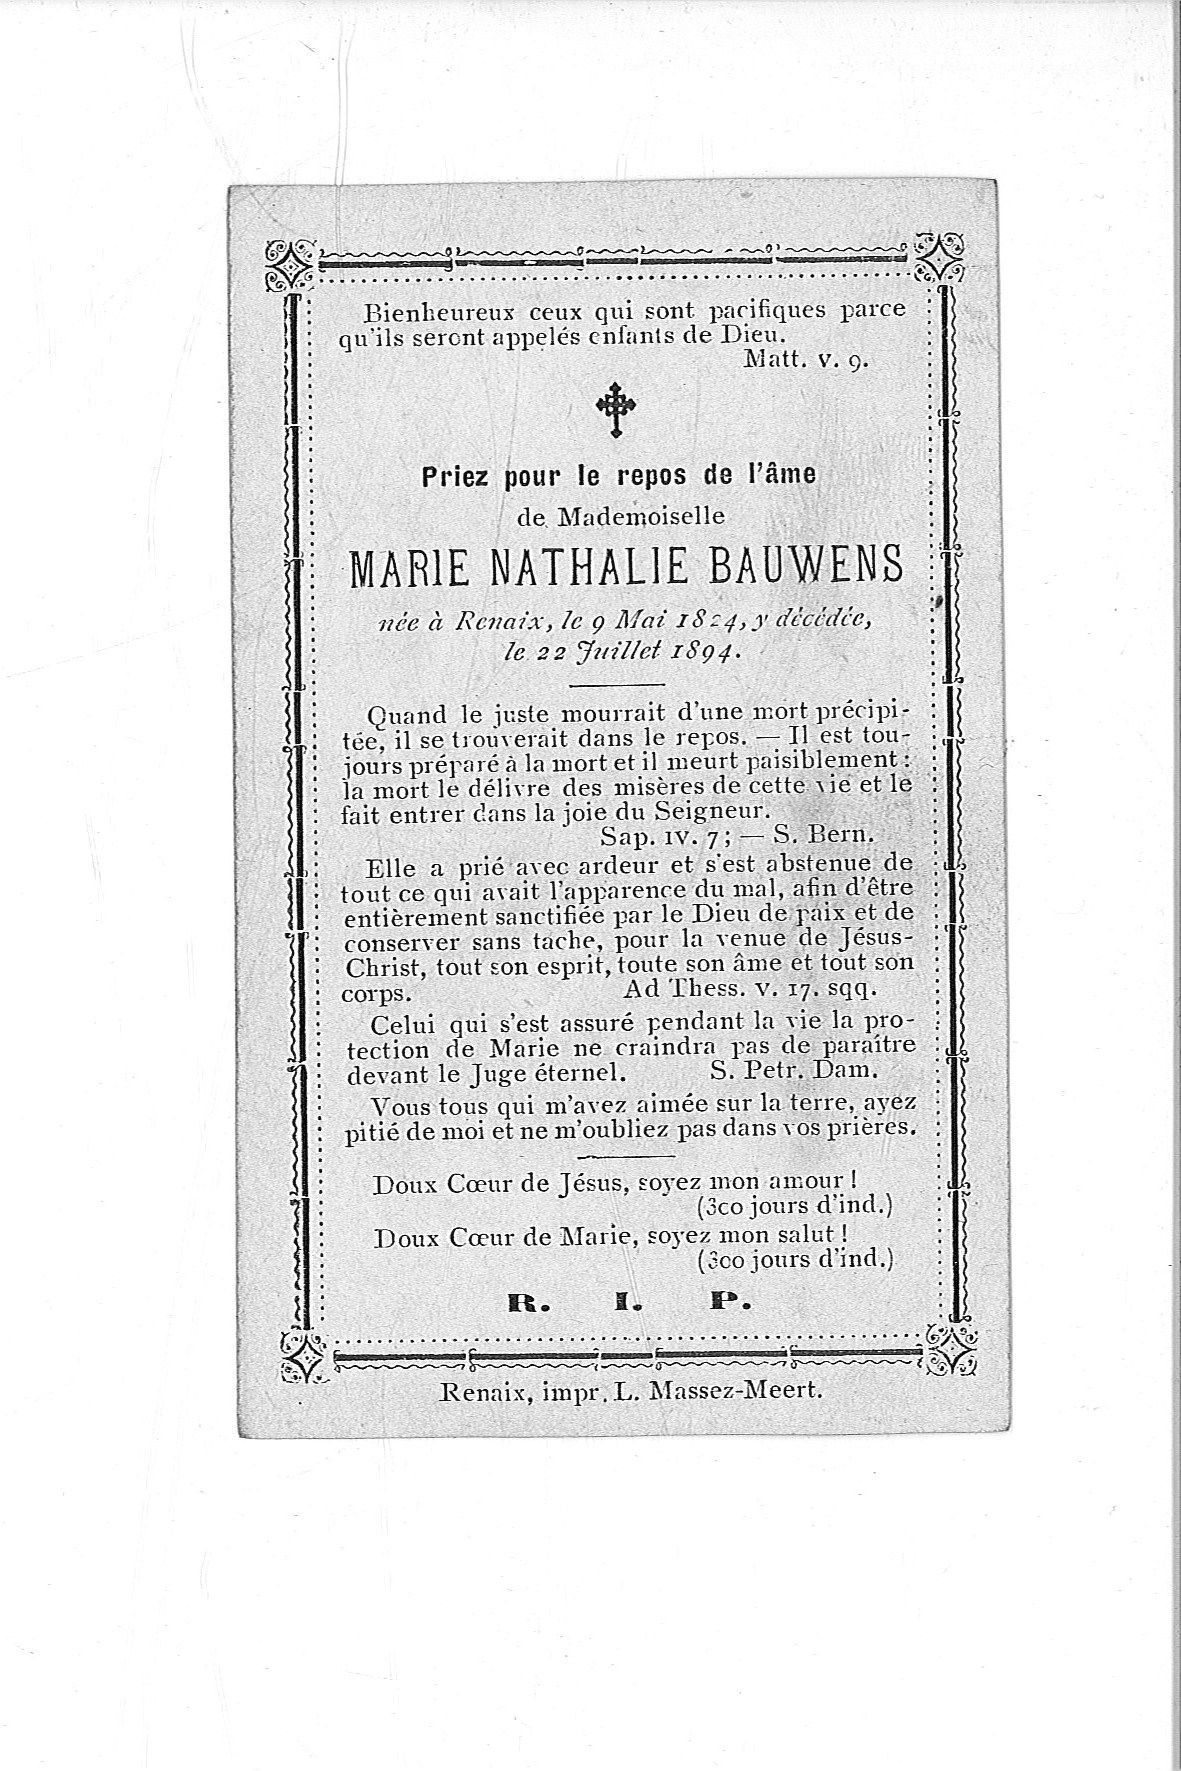 Marie-Natalie(1894)20090806114958_00037.jpg